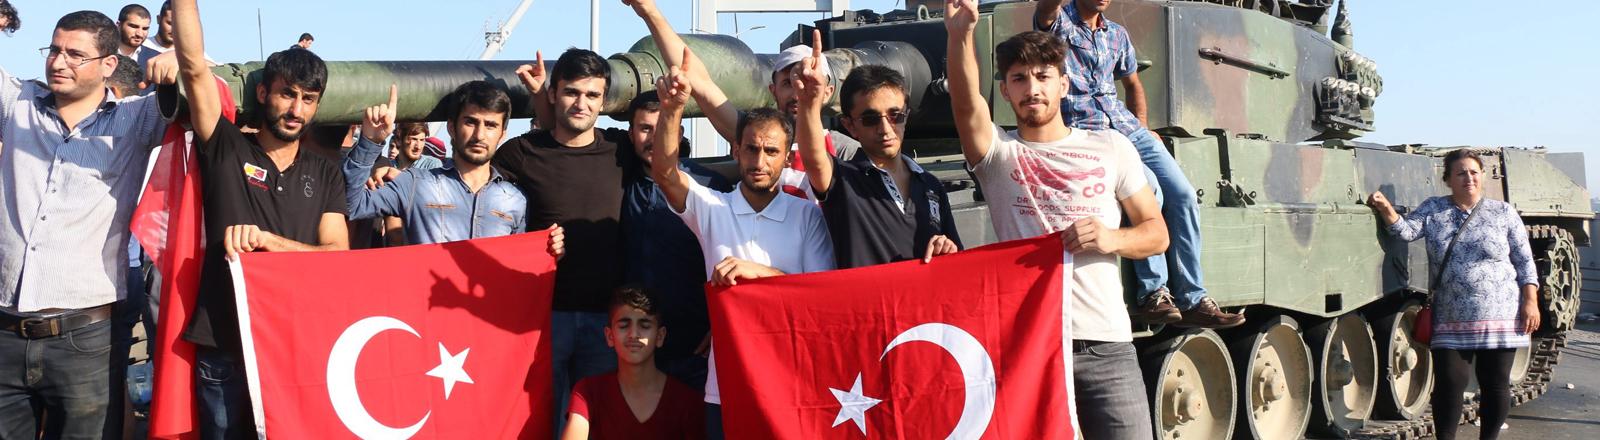 Türken vor einem Panzer